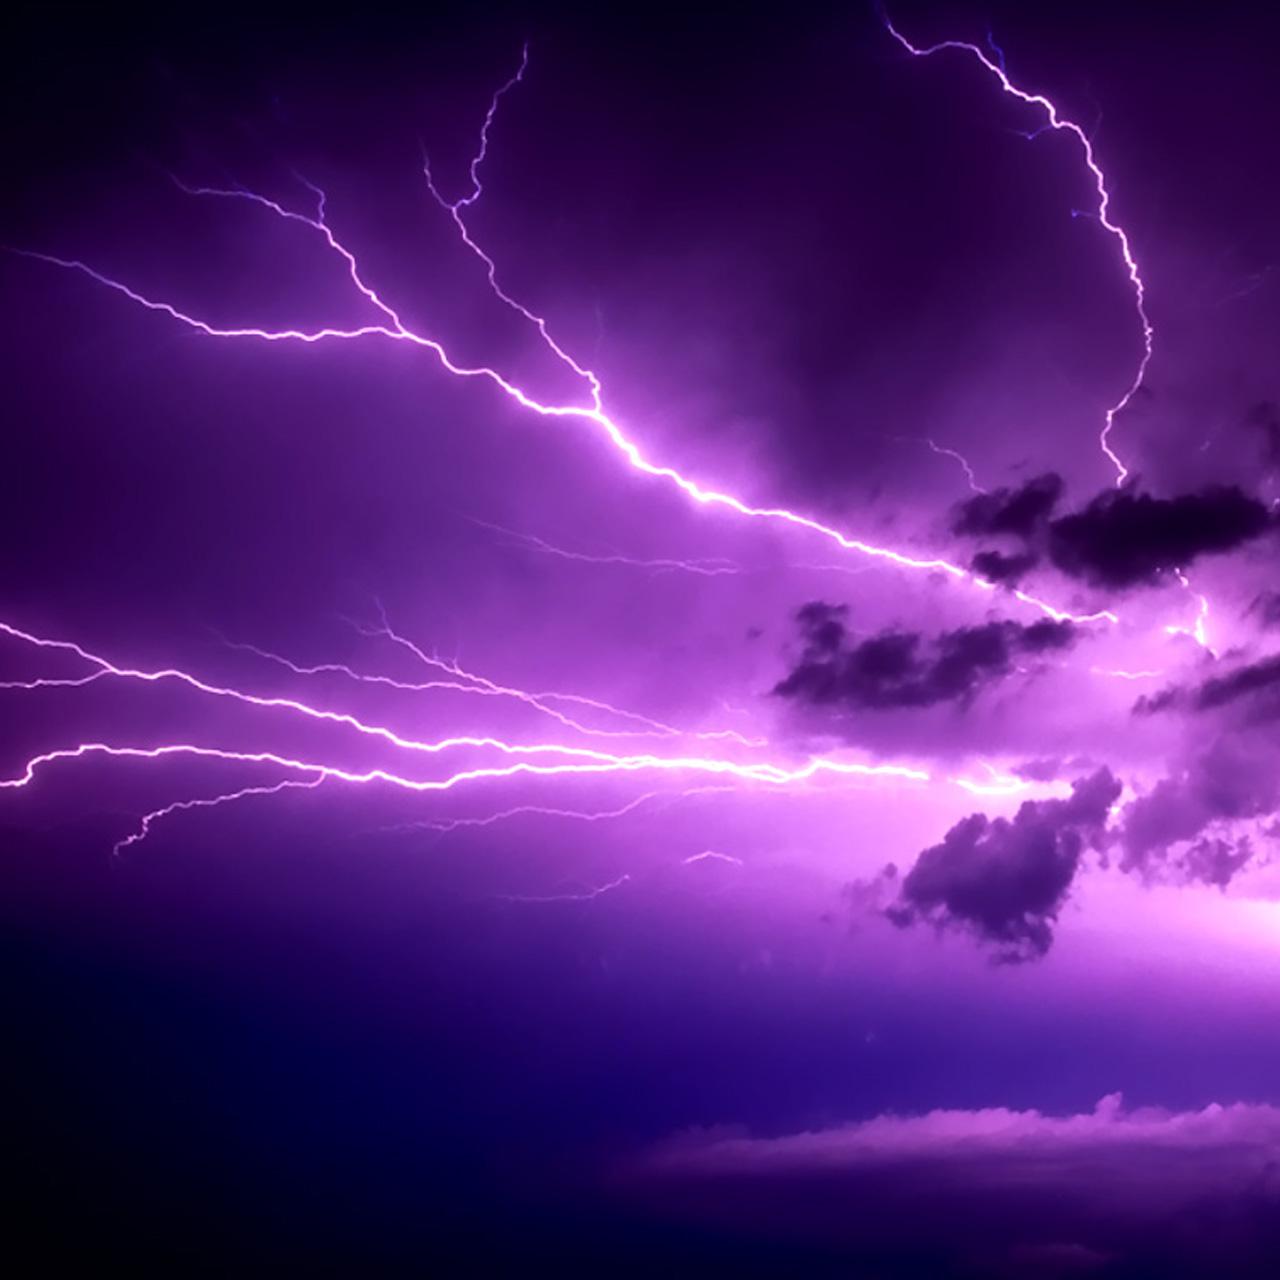 Cae impactante rayo morado del cielo en U.S.A